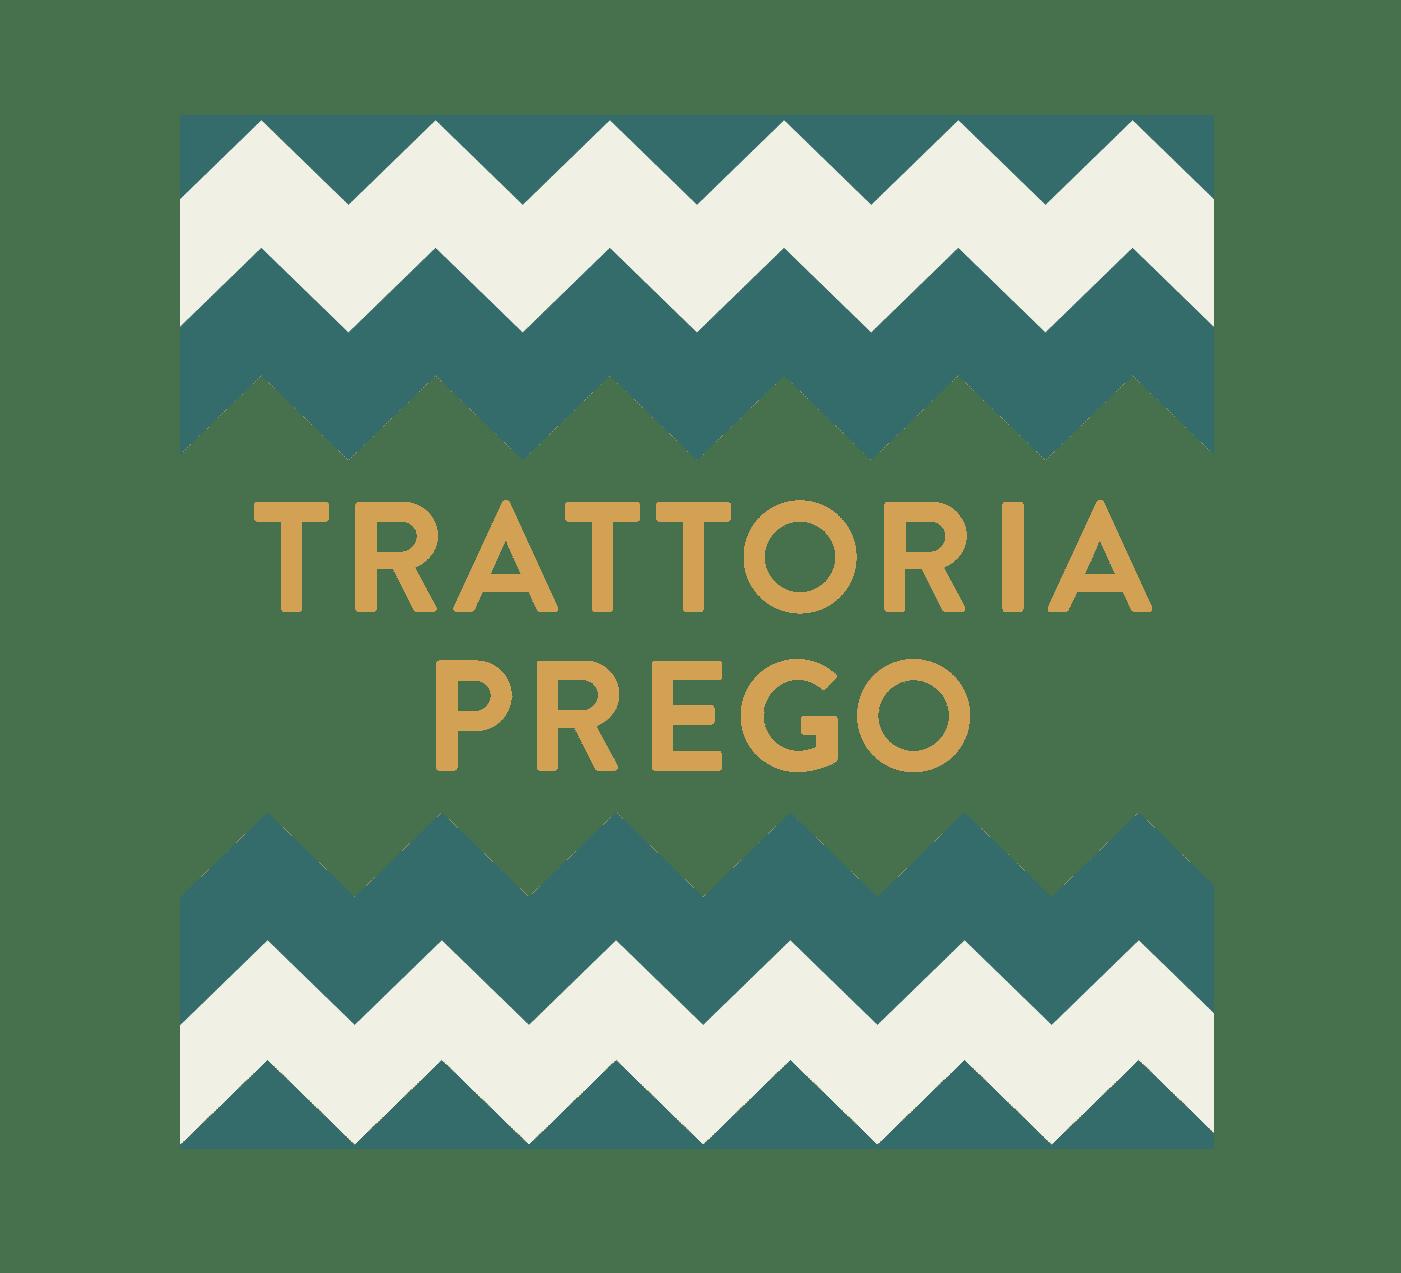 Trattoria Prego Logoype by Live Reklambyrå